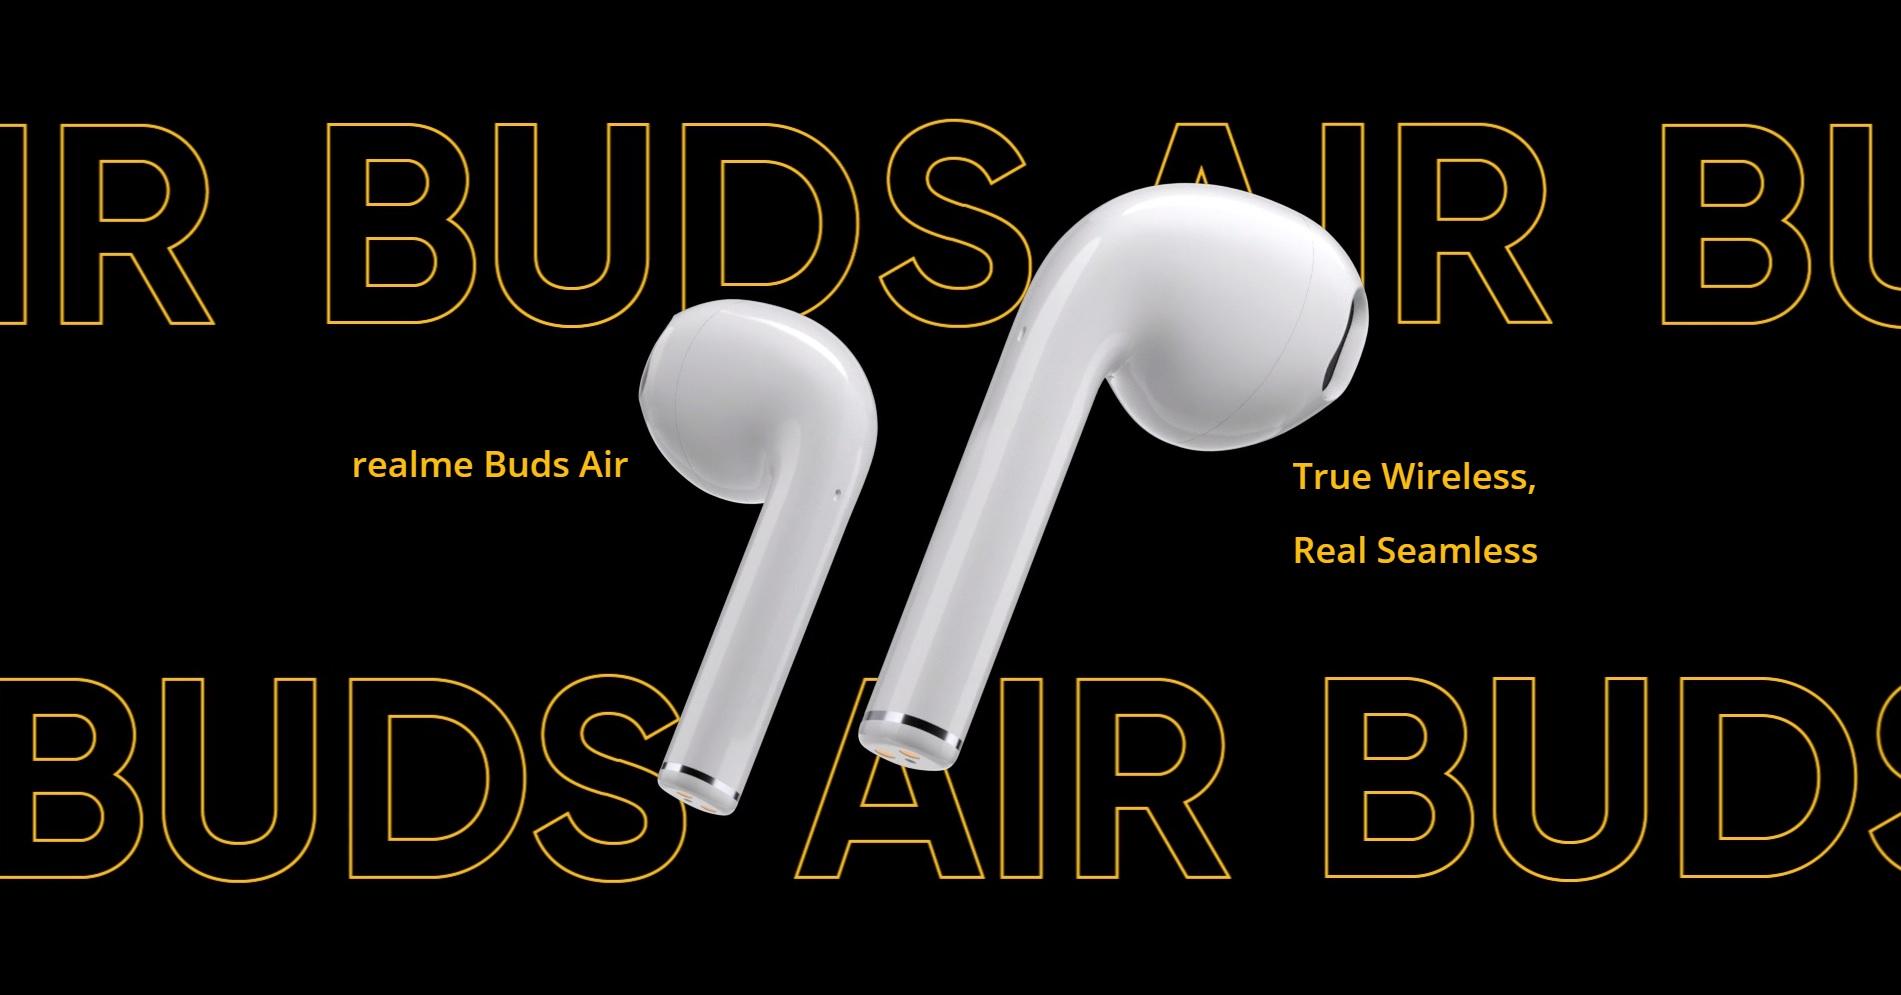 słuchawki bezprzewodowe realme Buds Air